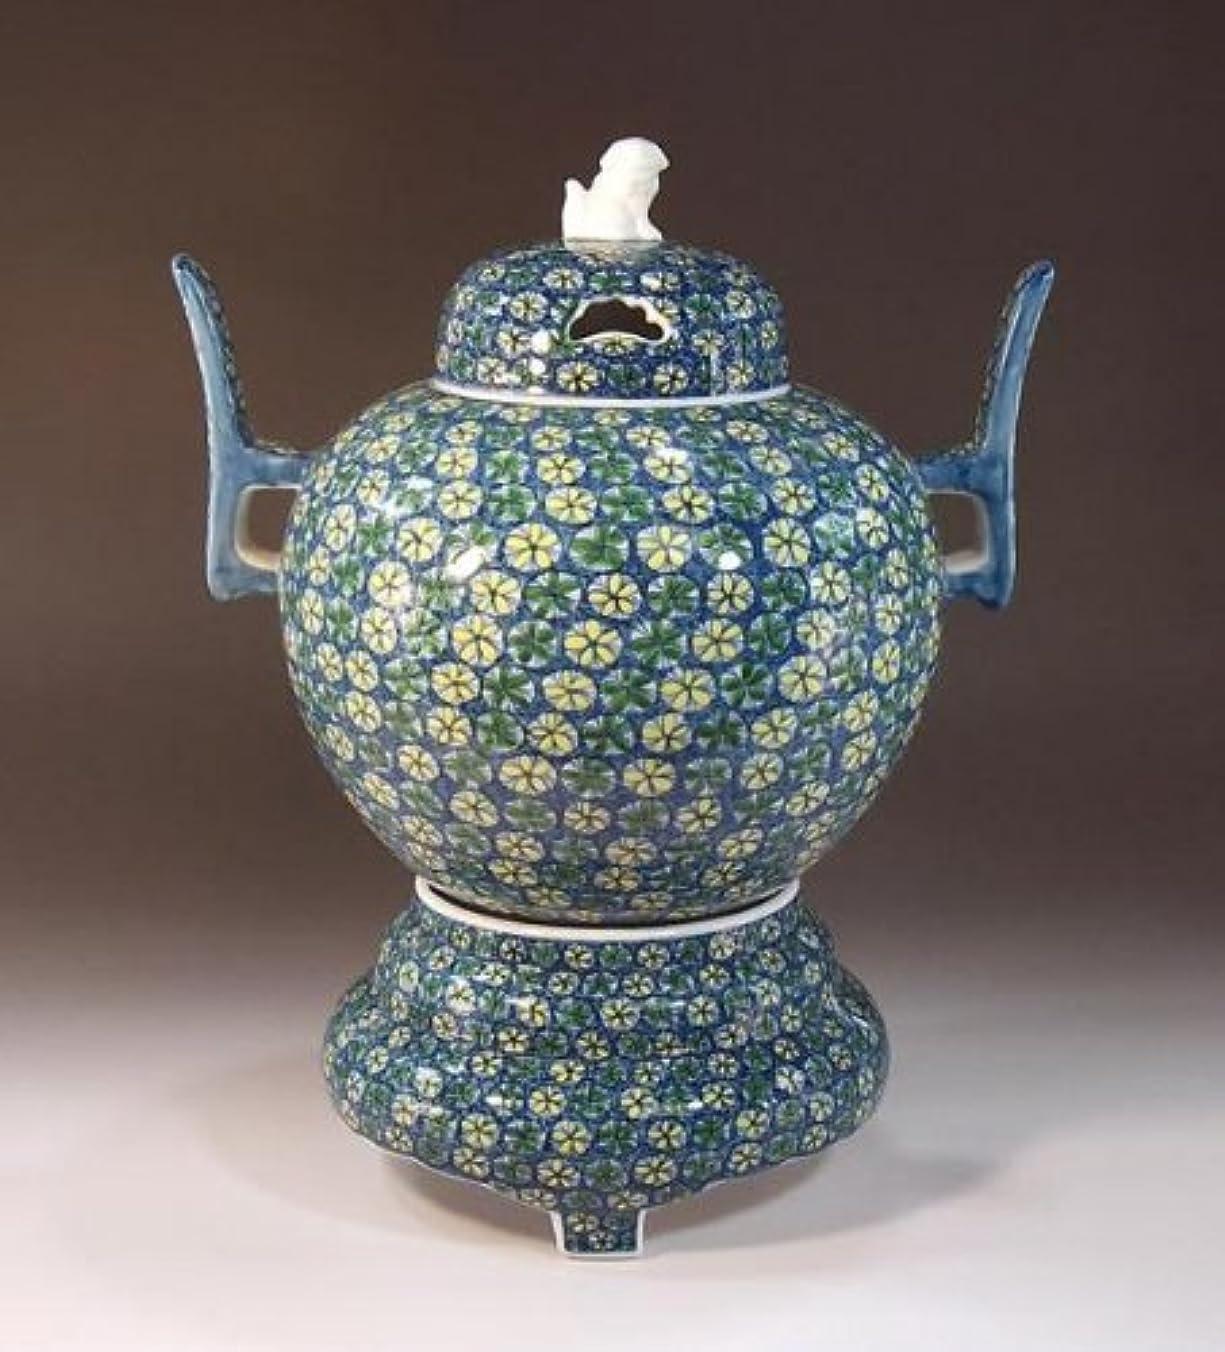 有田焼?伊万里焼の陶器高級香炉|贈答品|ギフト|記念品|贈り物|小花紋様?陶芸家 藤井錦彩